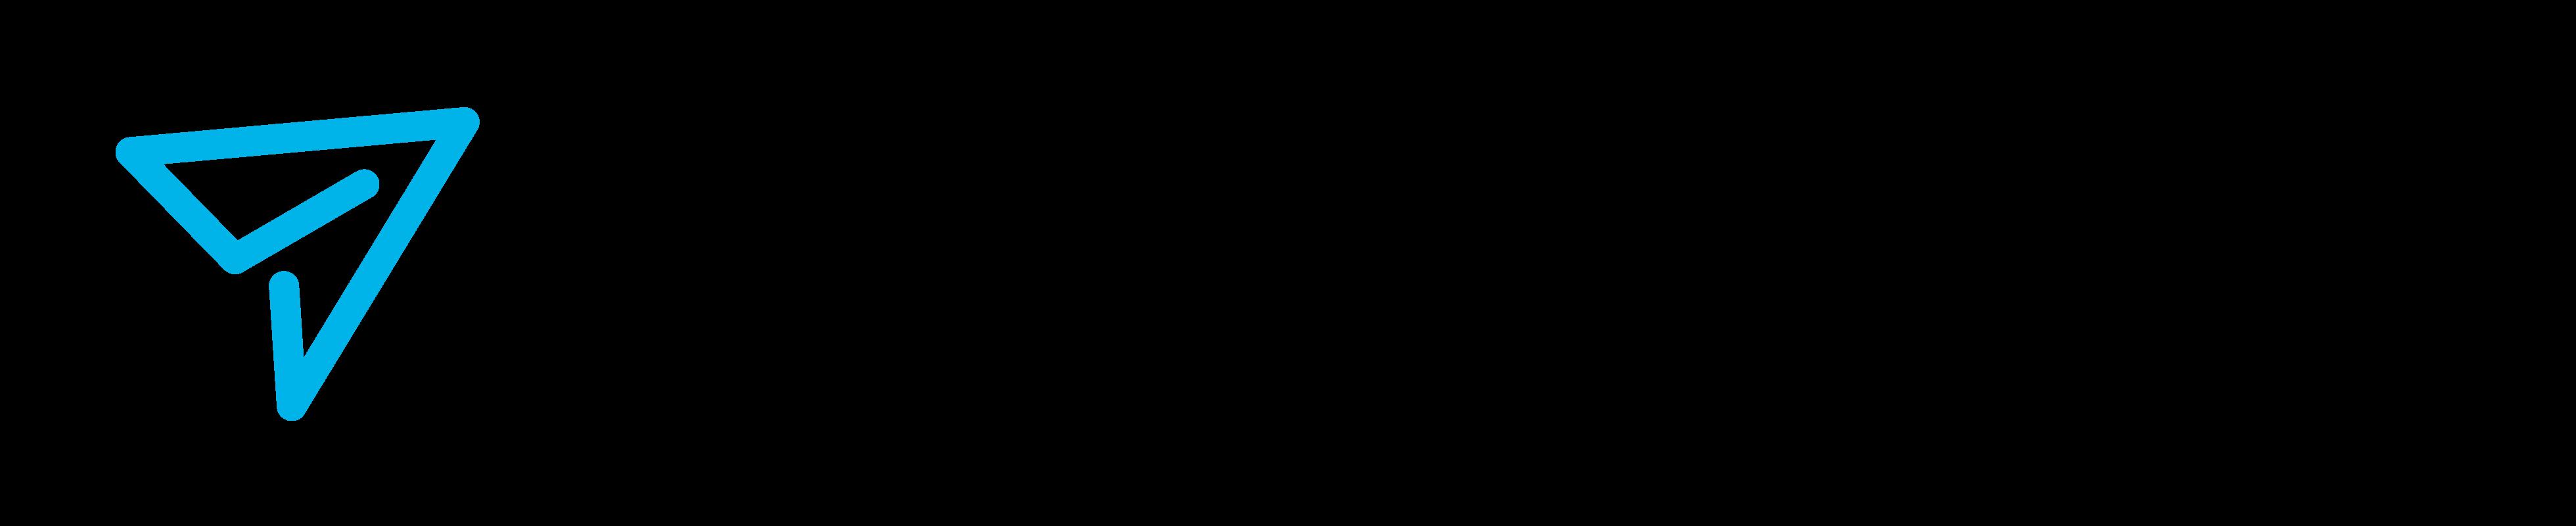 Comtravo logo